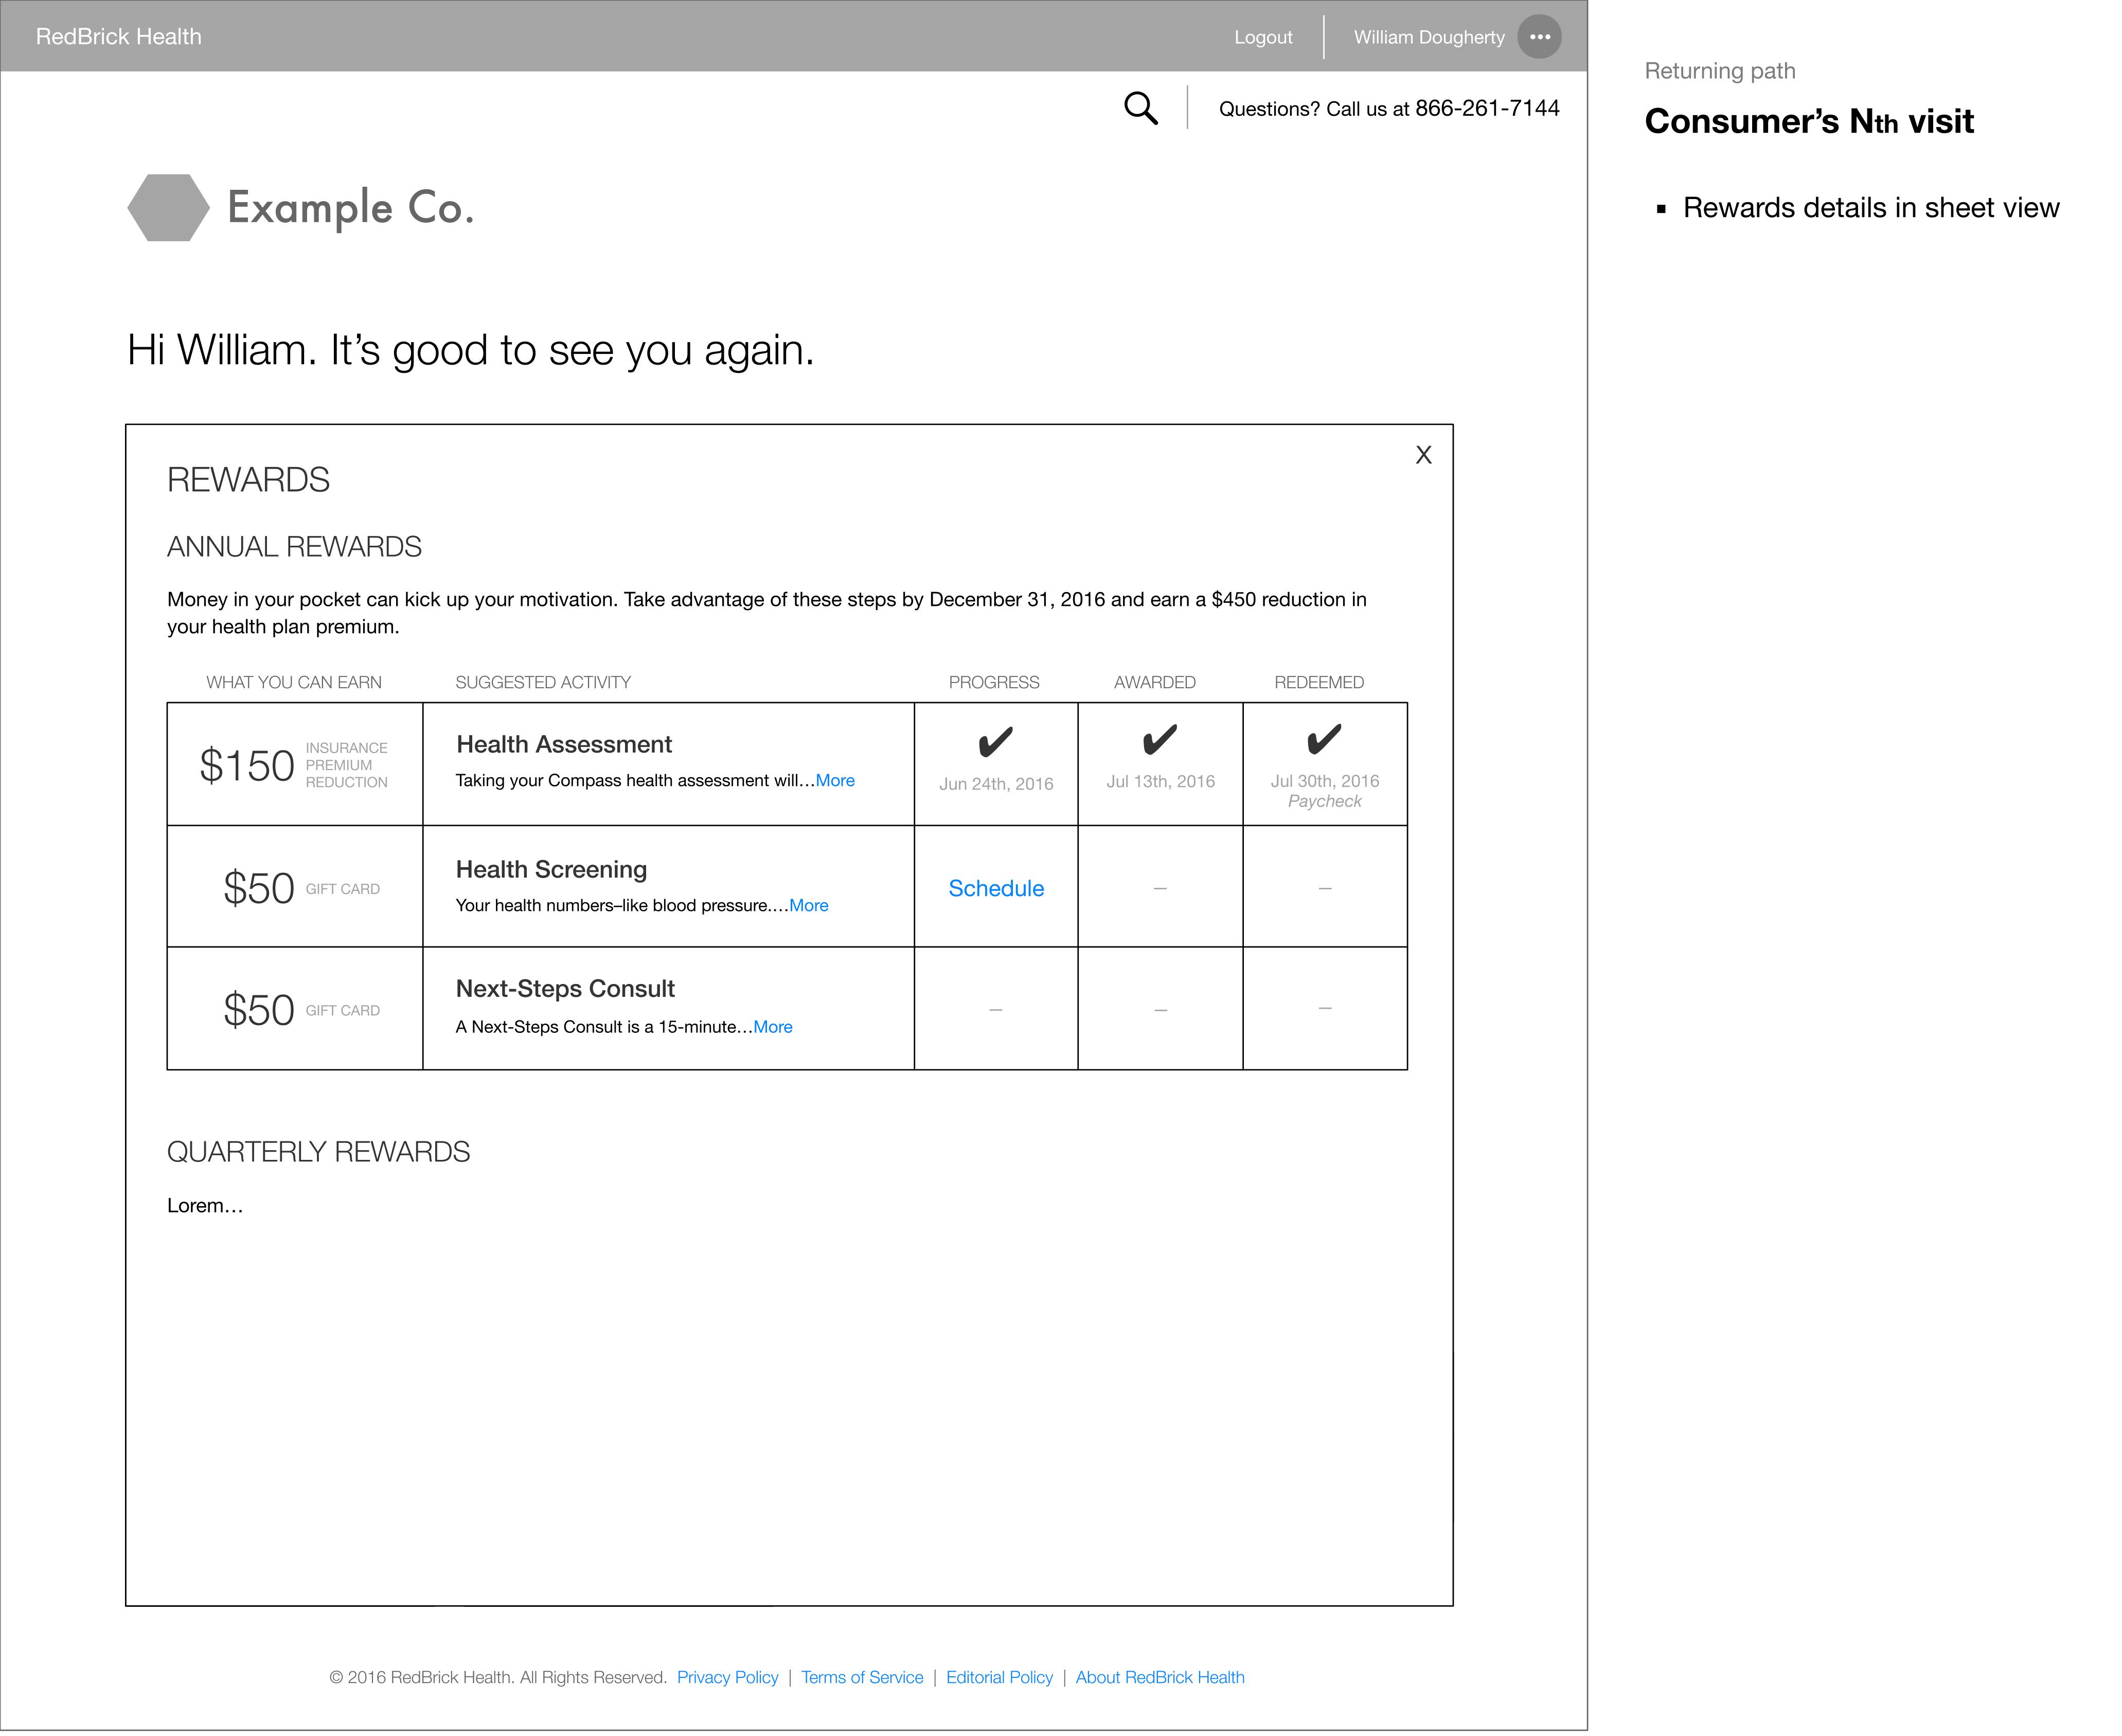 Rewards details in sheet view